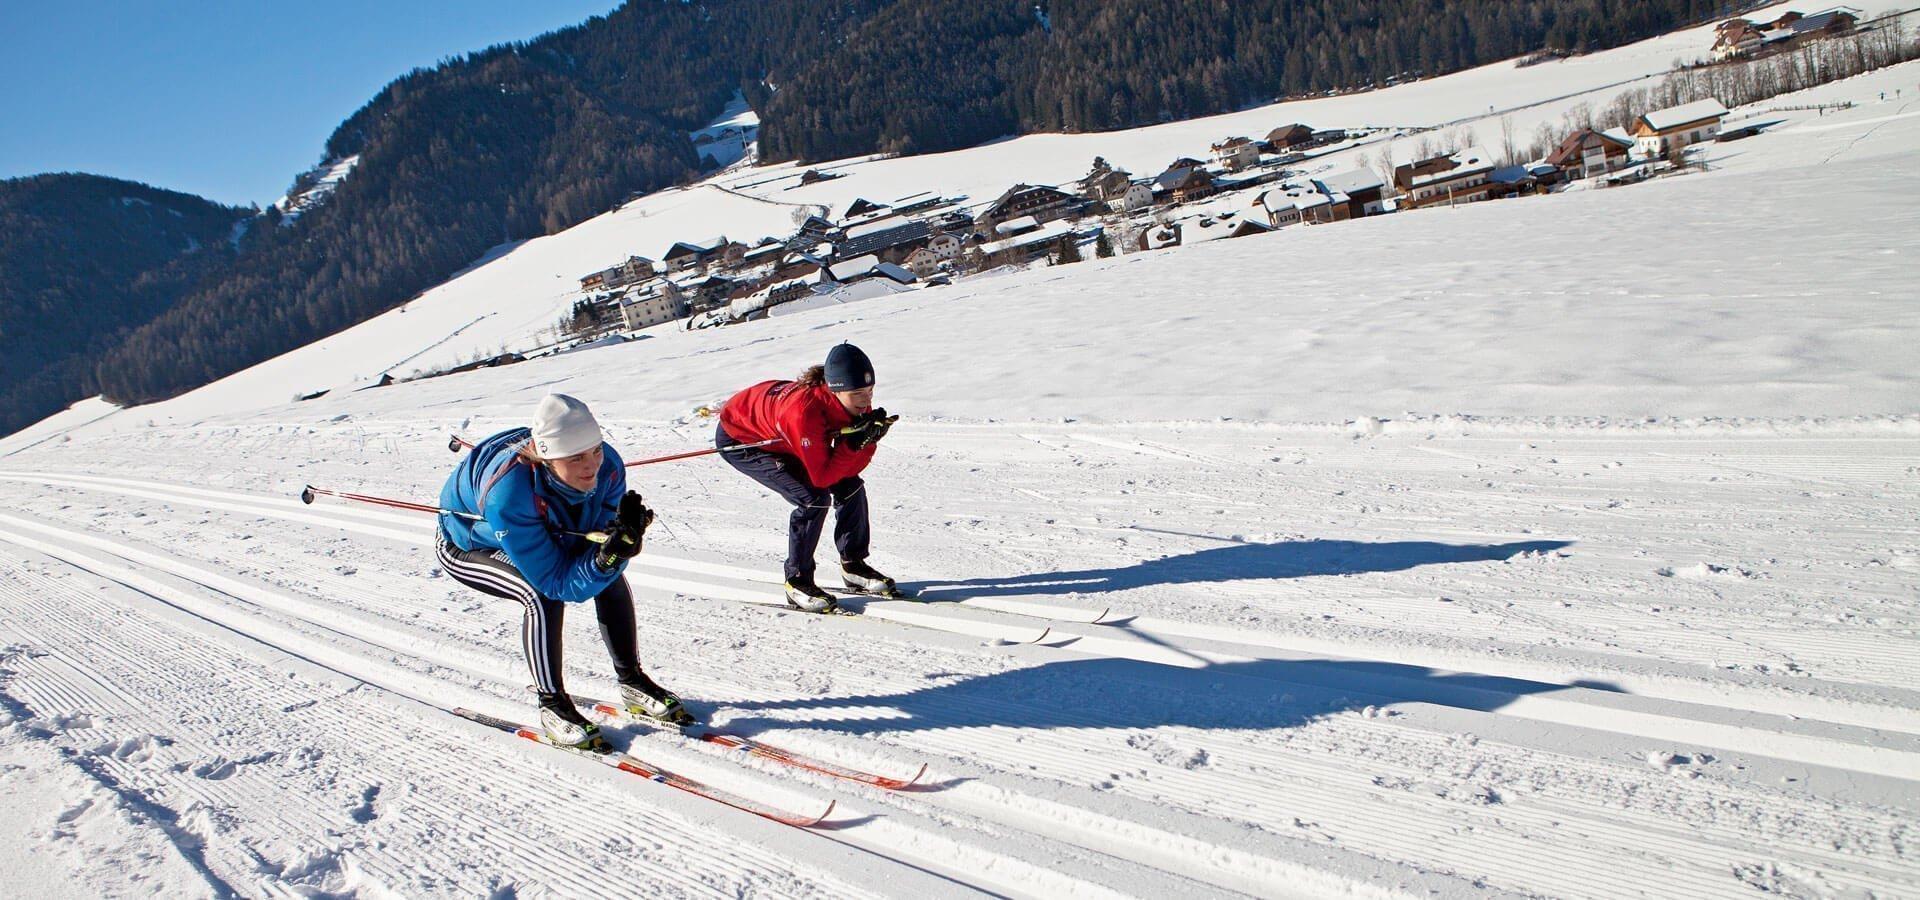 wintersportzentrum-biathlon-antholz